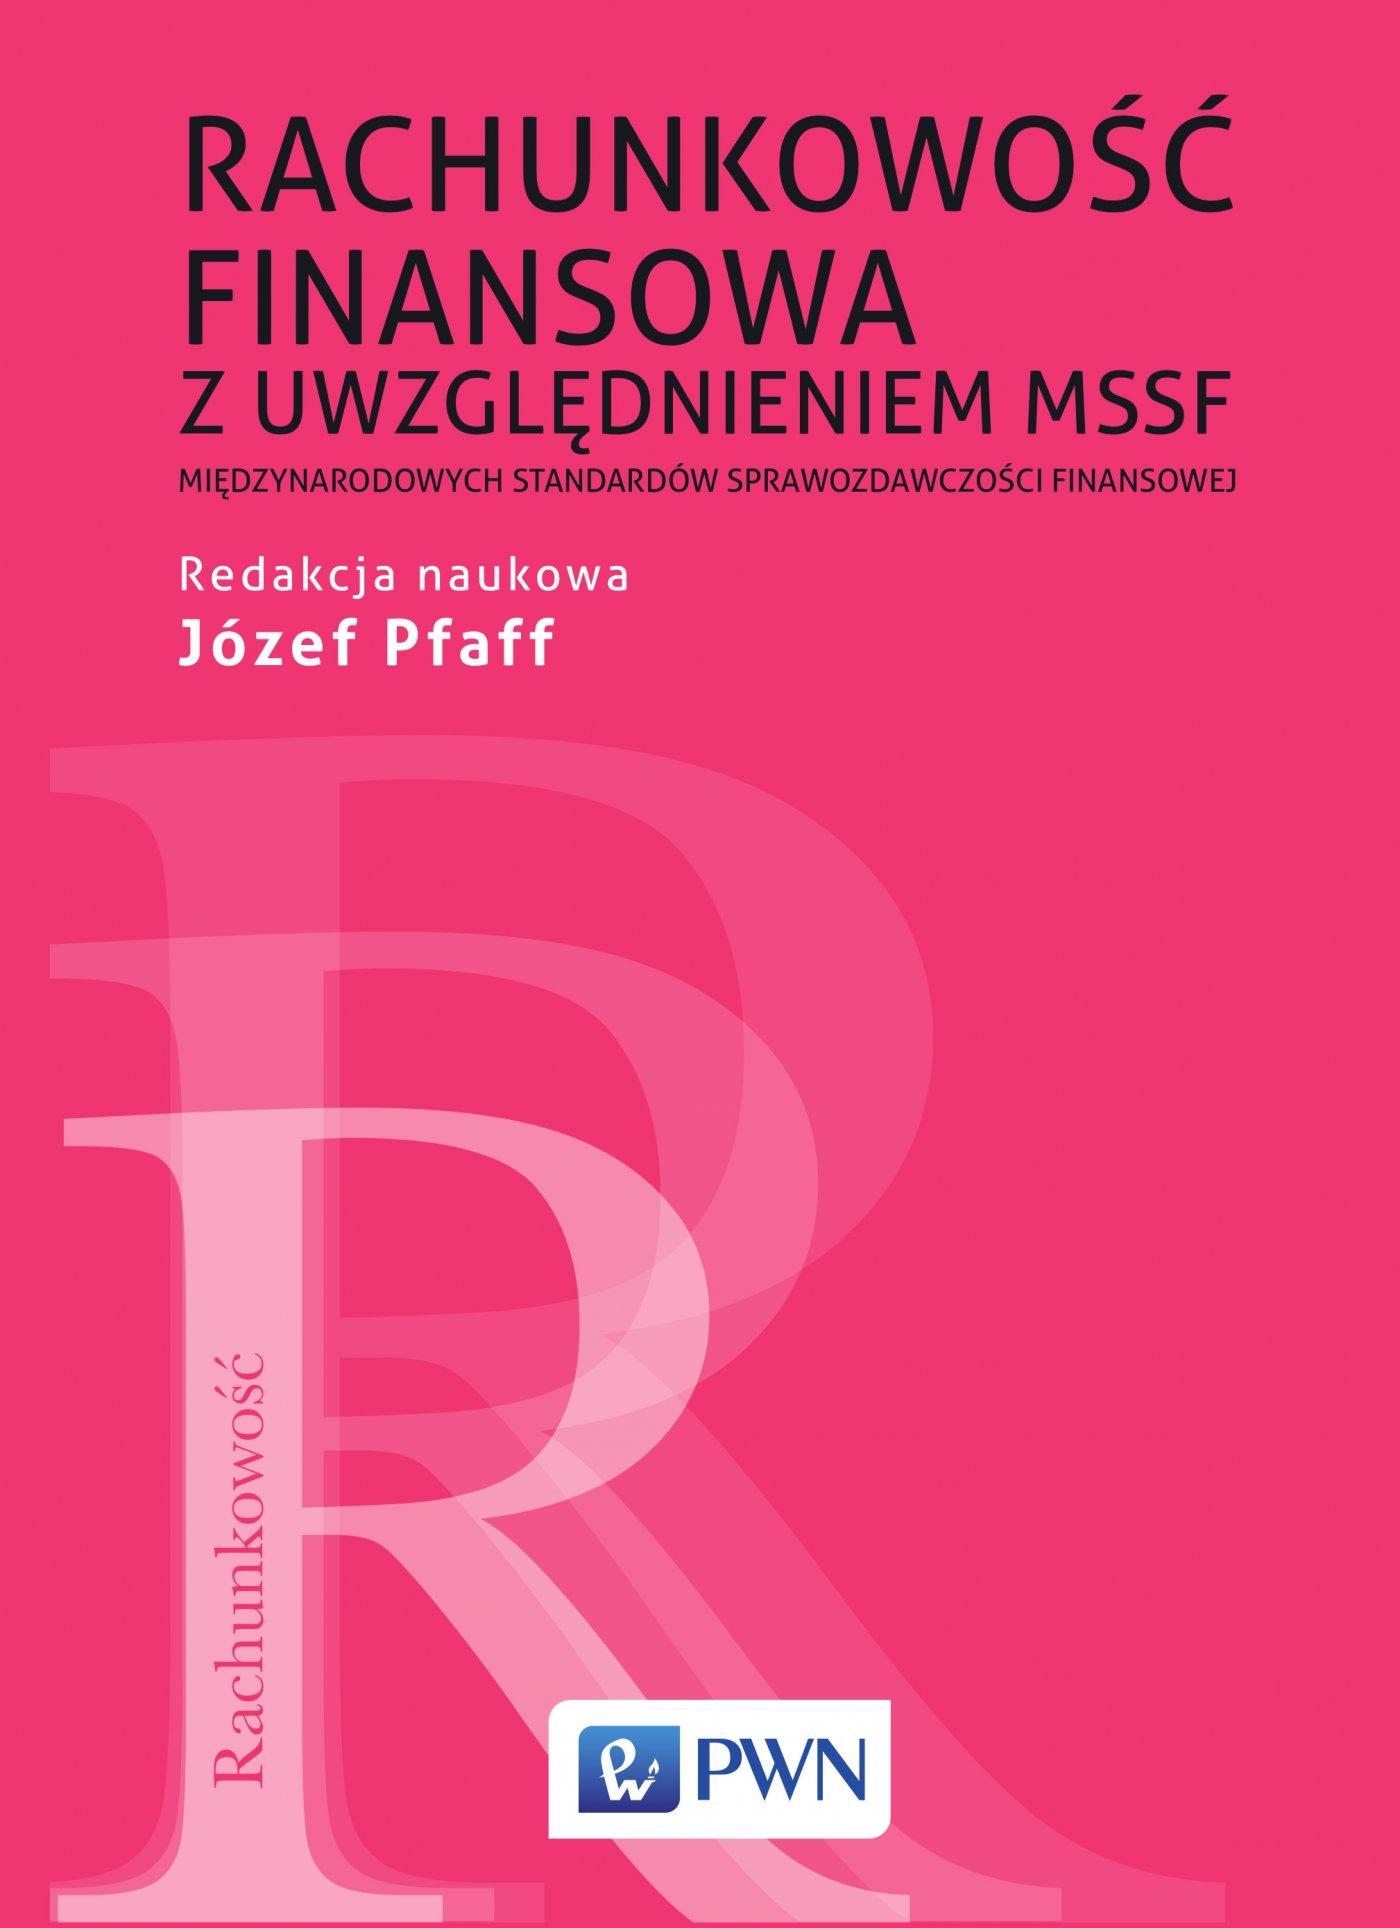 Rachunkowość finansowa z uwzględnieniem MSSF (Międzynarodowych standardów sprawozdawczości finansowej) - Ebook (Książka EPUB) do pobrania w formacie EPUB